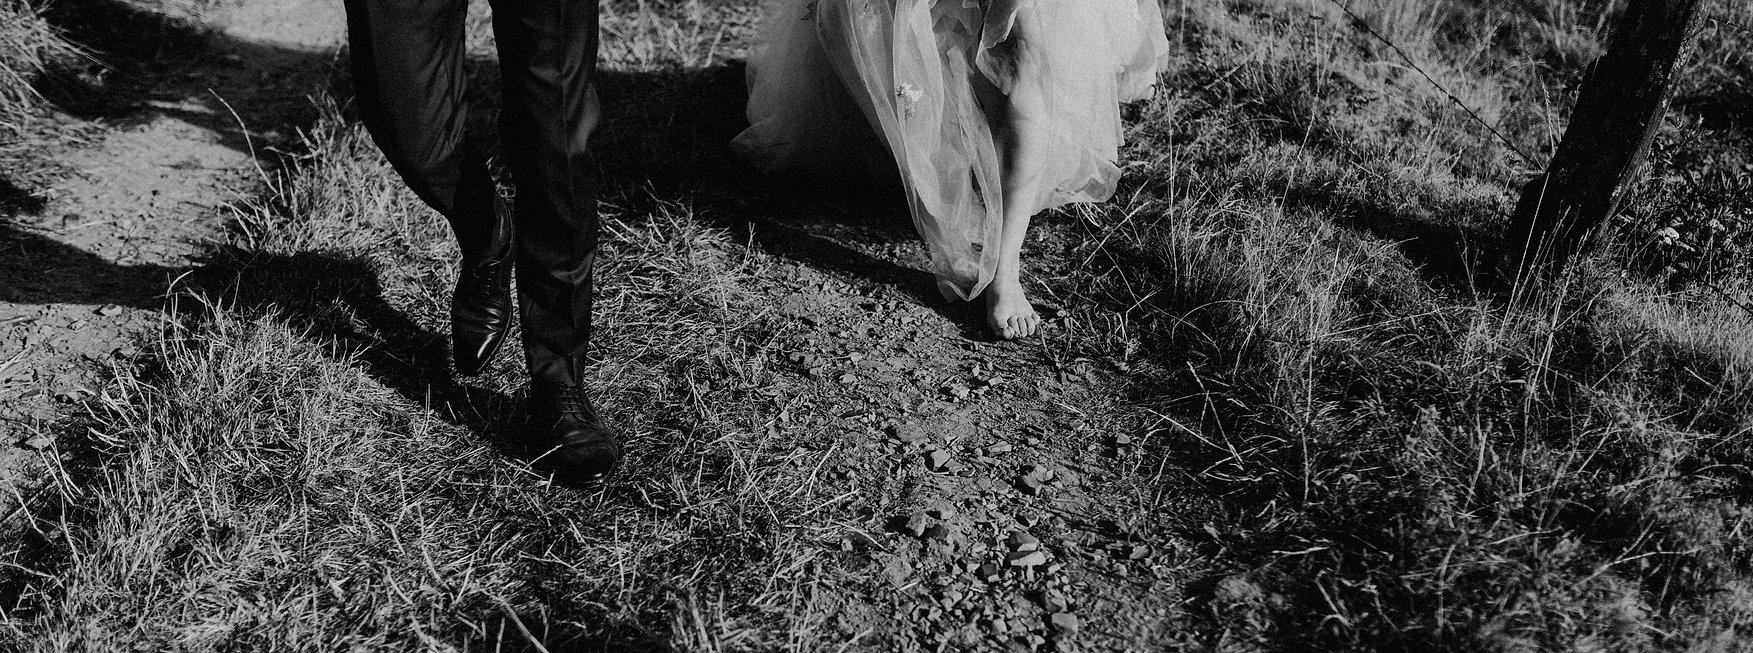 Barfuss-Hochzeiten | Boho Chick | natürliche Fotos | DIY Hochzeiten | Foto: Sarah Nigro-Braun | location: Gut Braband - Ennepetal / NRW / Hagen